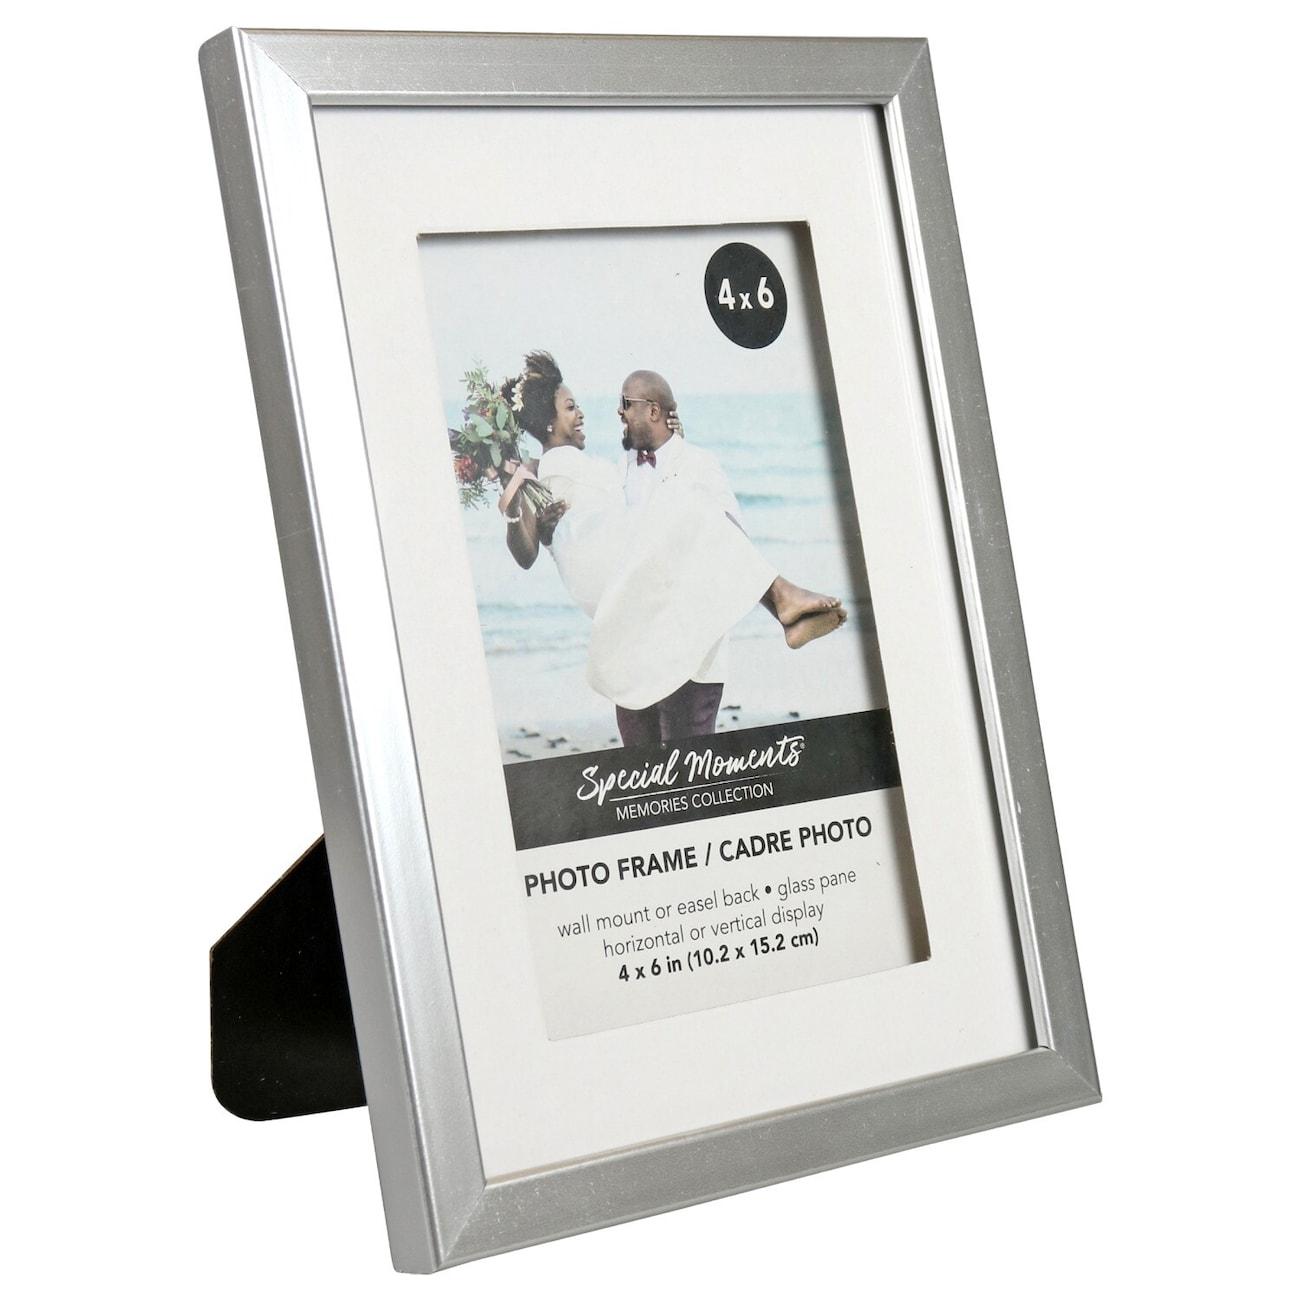 4x6 Silver Frames - Dollar Tree, Inc.